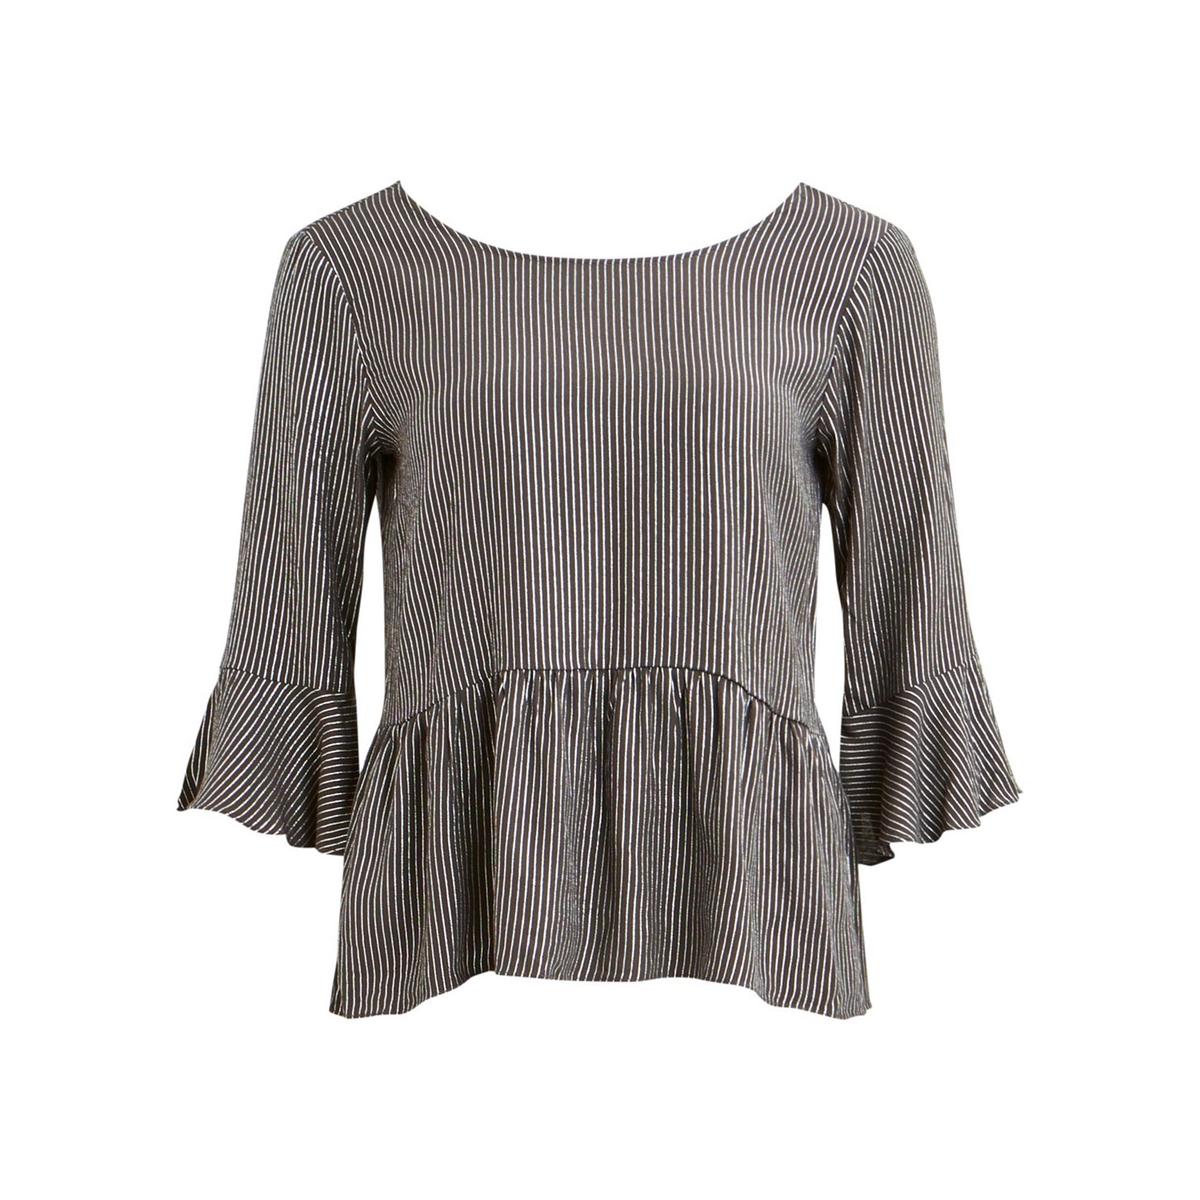 Блузка с вышивкой люрексом, баской, V-образным вырезом, в полоску